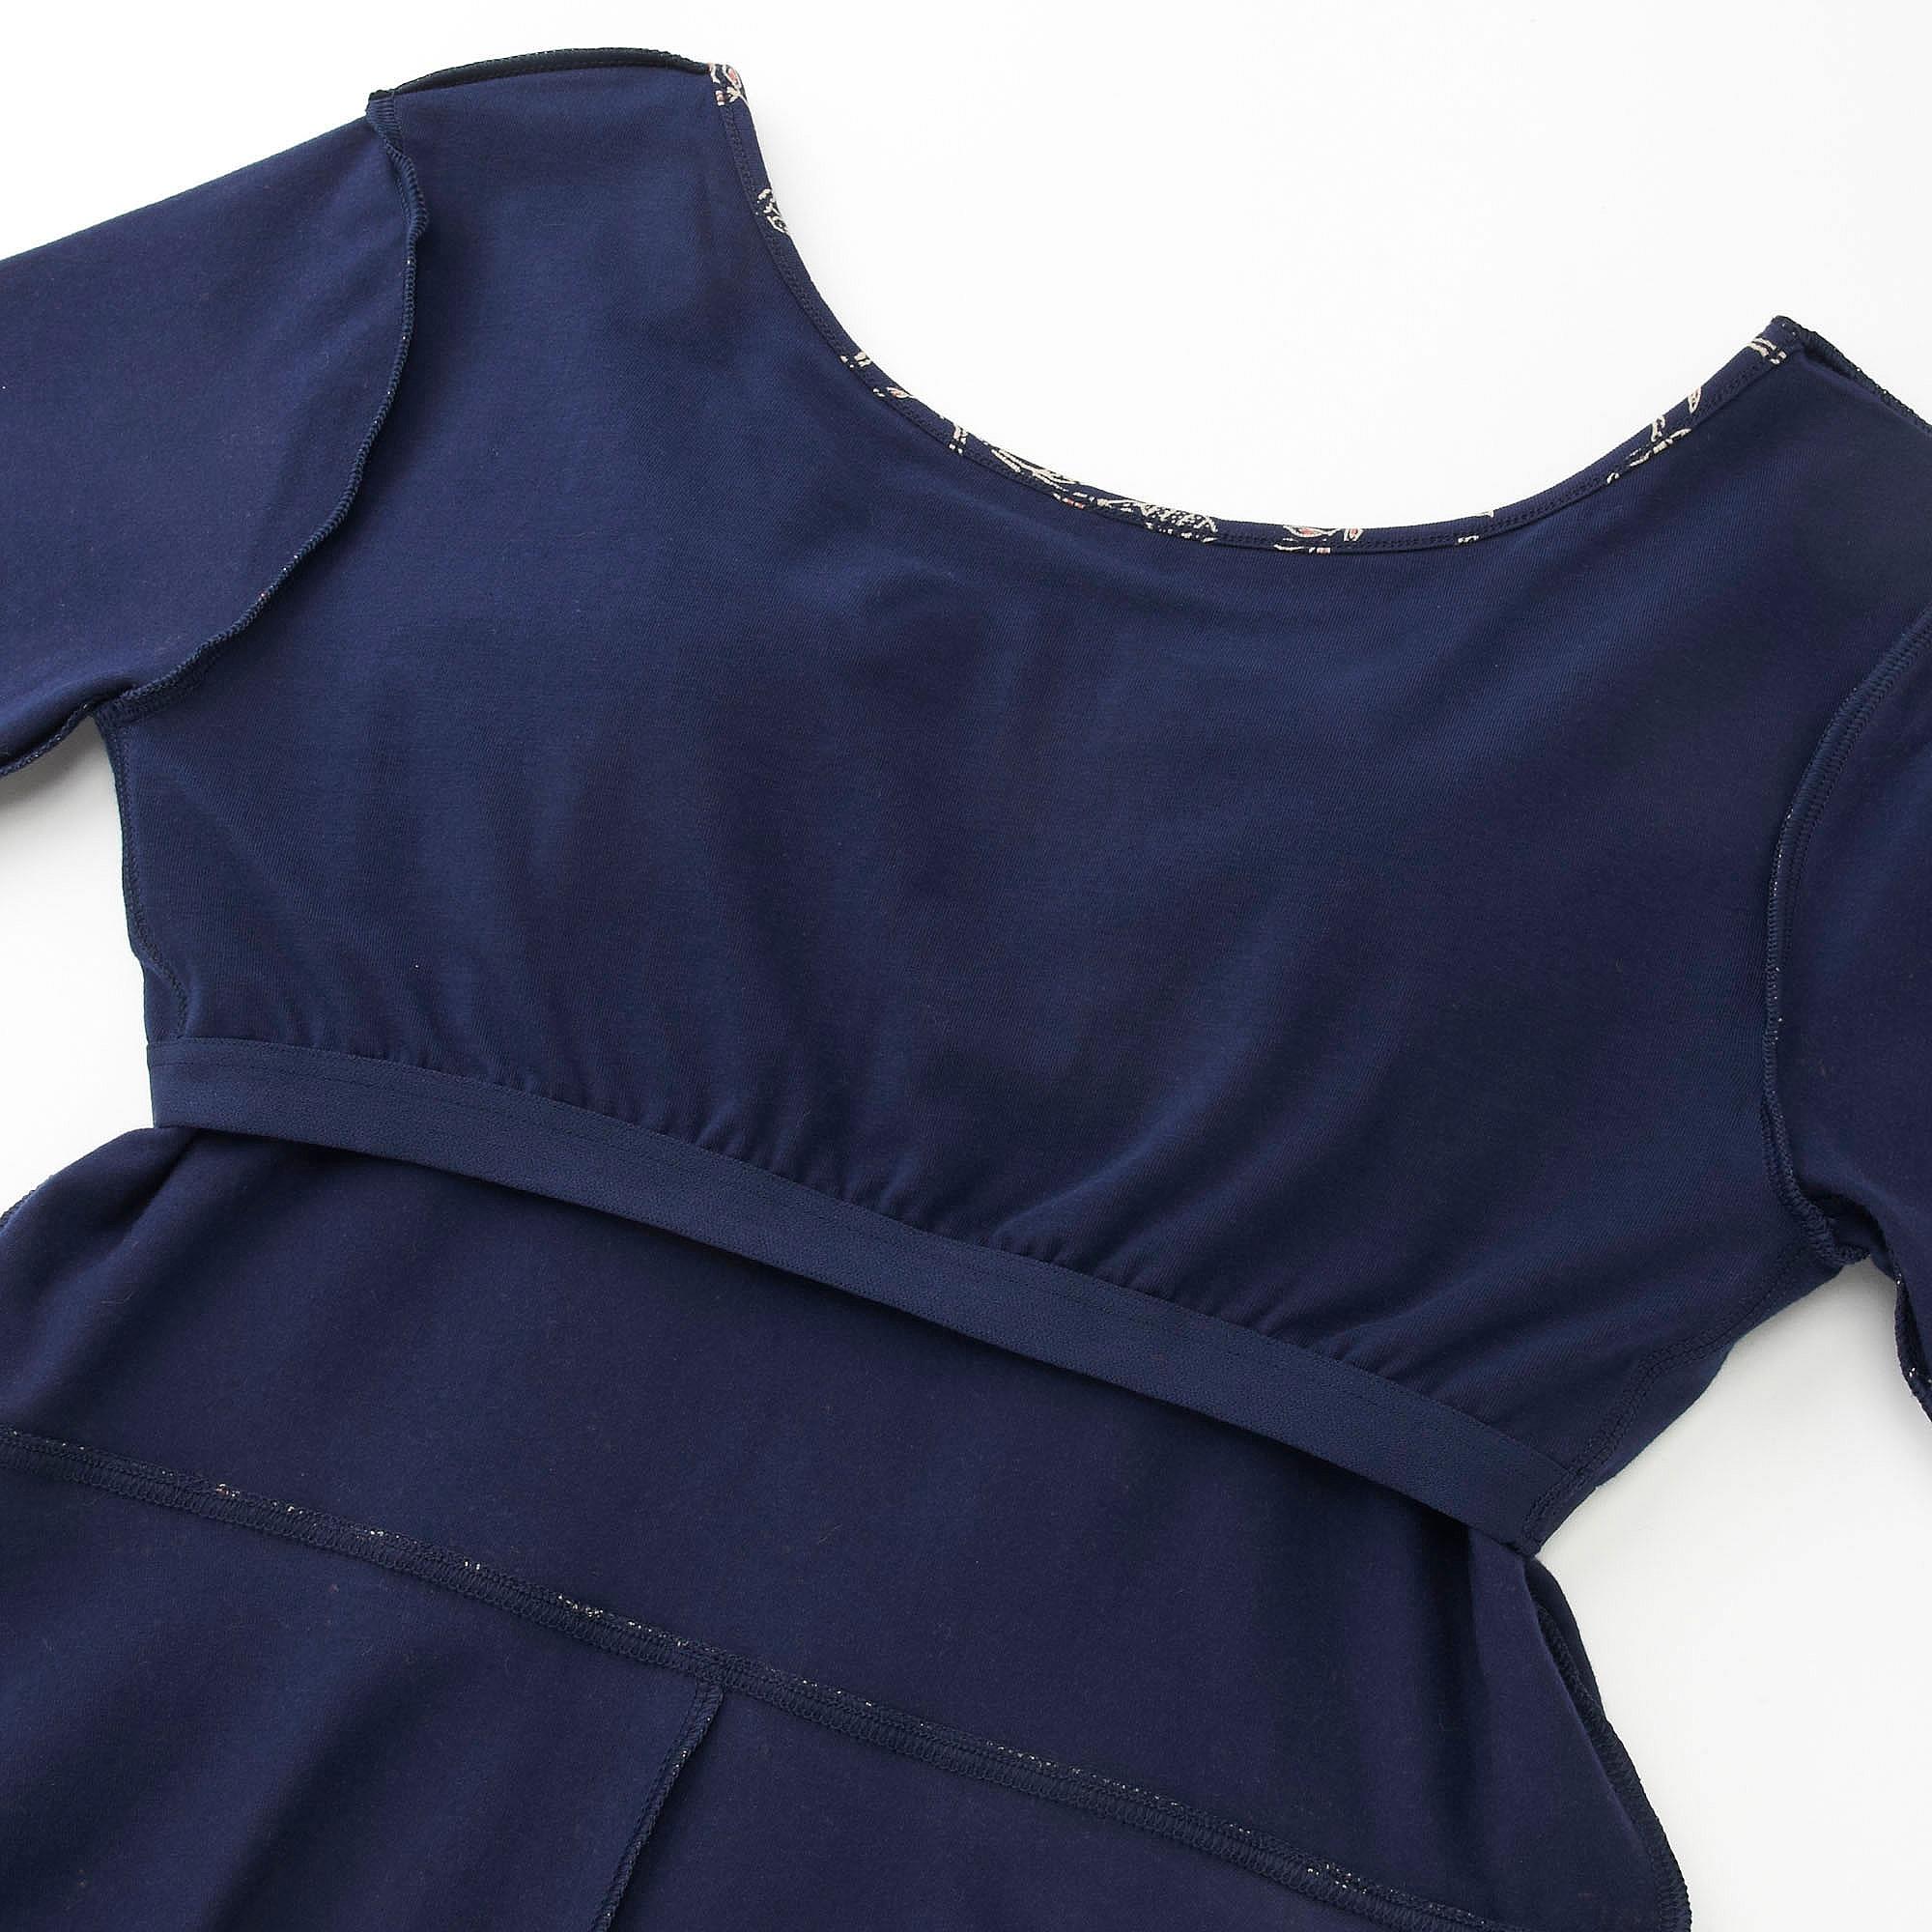 eb8c5a70c3 Uniqlo WOMEN STUDIO SANDERSON FOR UNIQLO BRA DRESS at £9.9